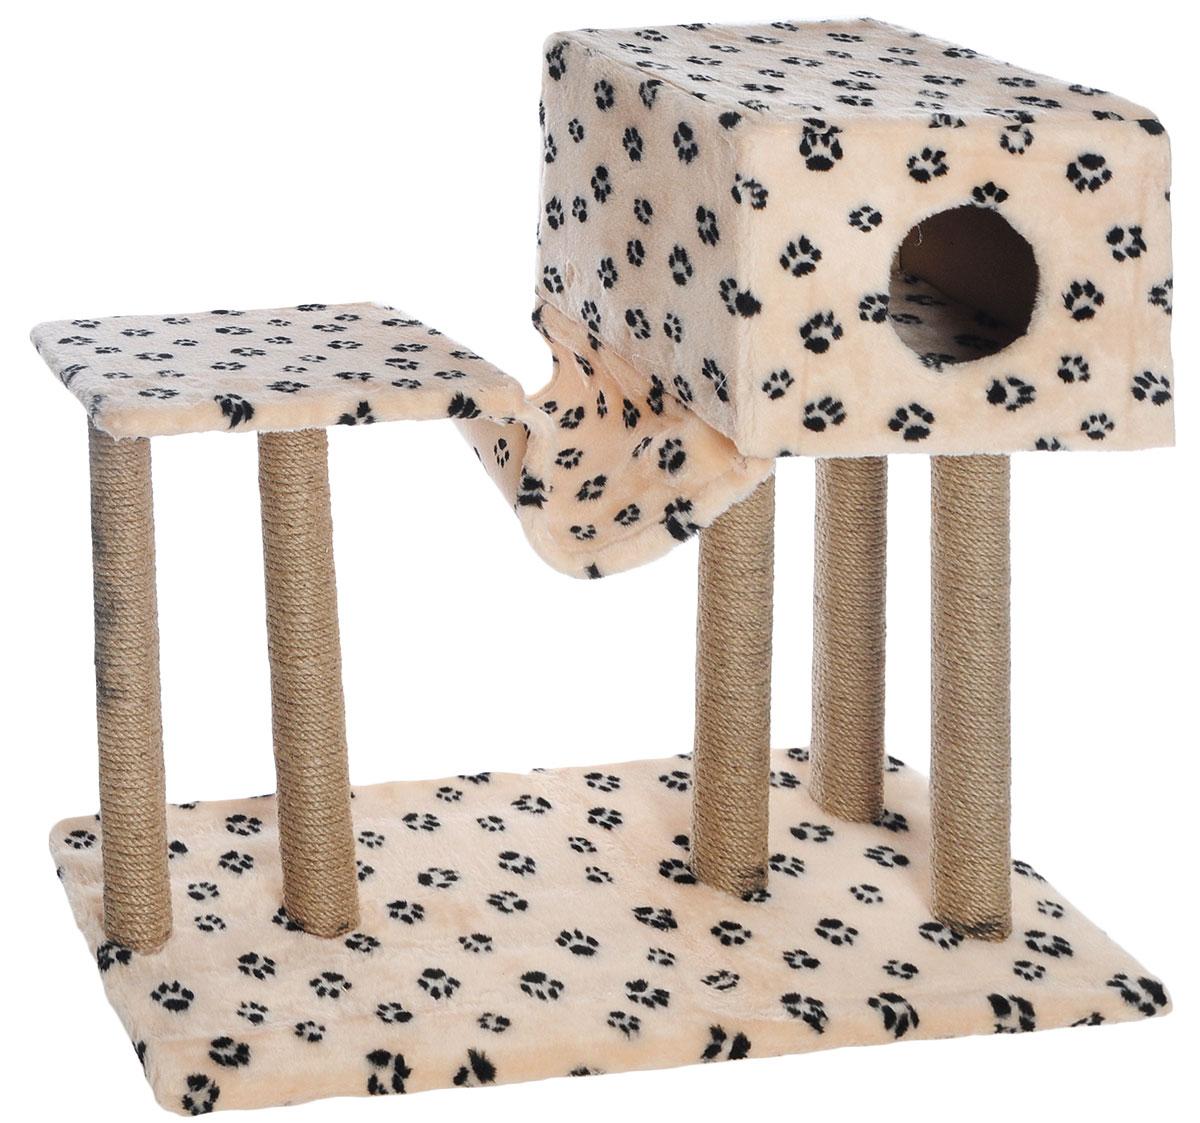 Игровой комплекс для кошек Меридиан, с домиком и гамаком, цвет: бежевый, черный, 90 х 40 х 80 смД126 Ла_бежевый, черные лапкиИгровой комплекс для кошек Меридиан выполнен из высококачественного ДВП и ДСП и обтянут искусственным мехом. Изделие предназначено для кошек. Ваш домашний питомец будет с удовольствием точить когти о специальные столбики, изготовленные из джута. А отдохнуть он сможет в домике, на полках или в удобном гамаке.Общий размер: 90 х 40 х 80 см.Размер основания: 90 х 40 см.Высота полки: 53 см.Размер домика: 40 х 40 х 28 см.Размер полки: 39 х 39 см.